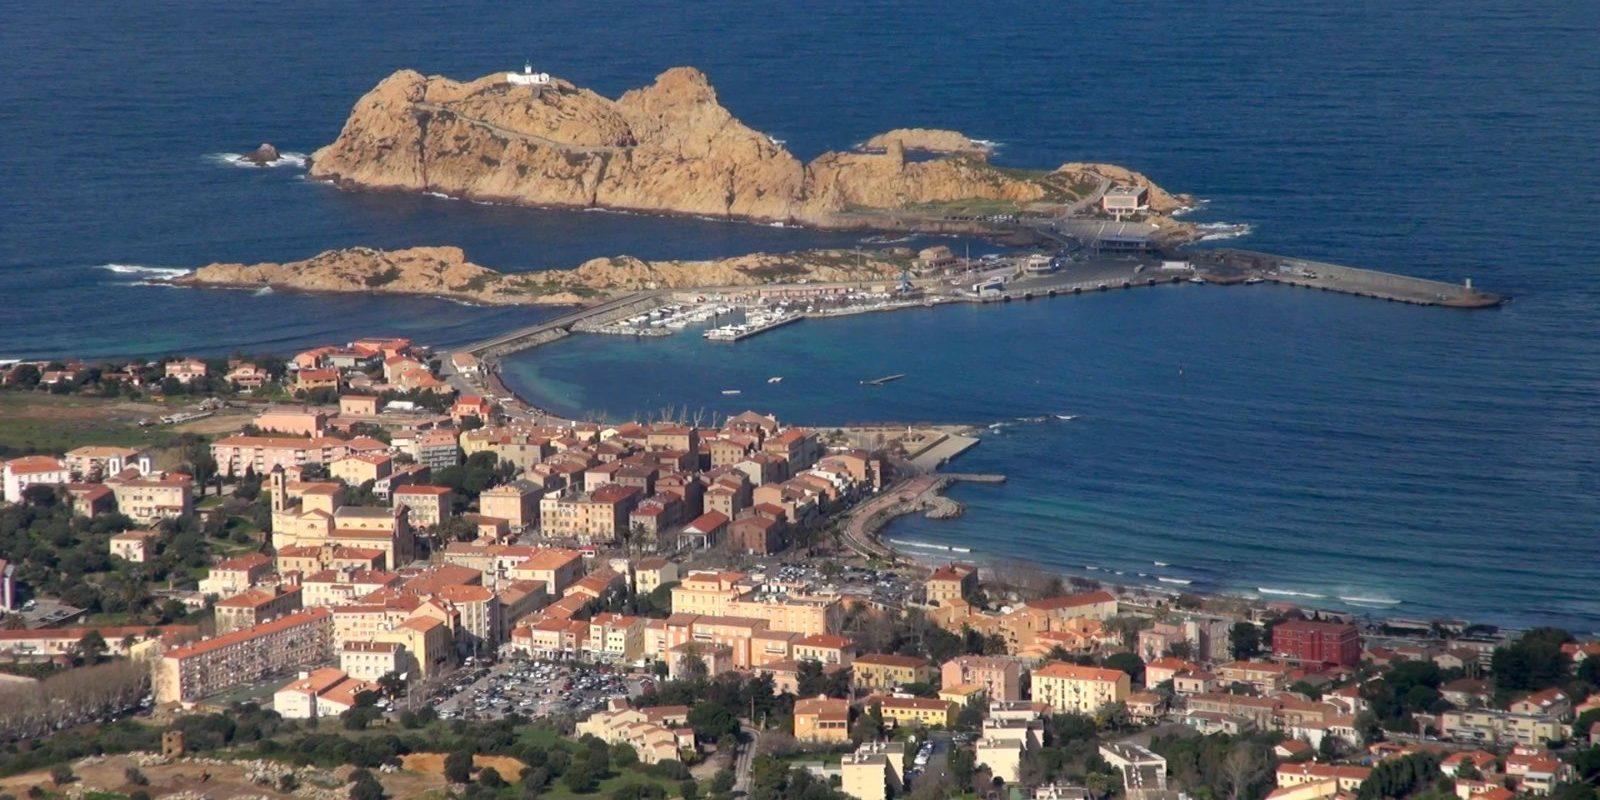 Ile Rousse Balagne Corsica Frankrijk Isula Rossa vuurtoren phare de la Pietra Ile de la Pietra